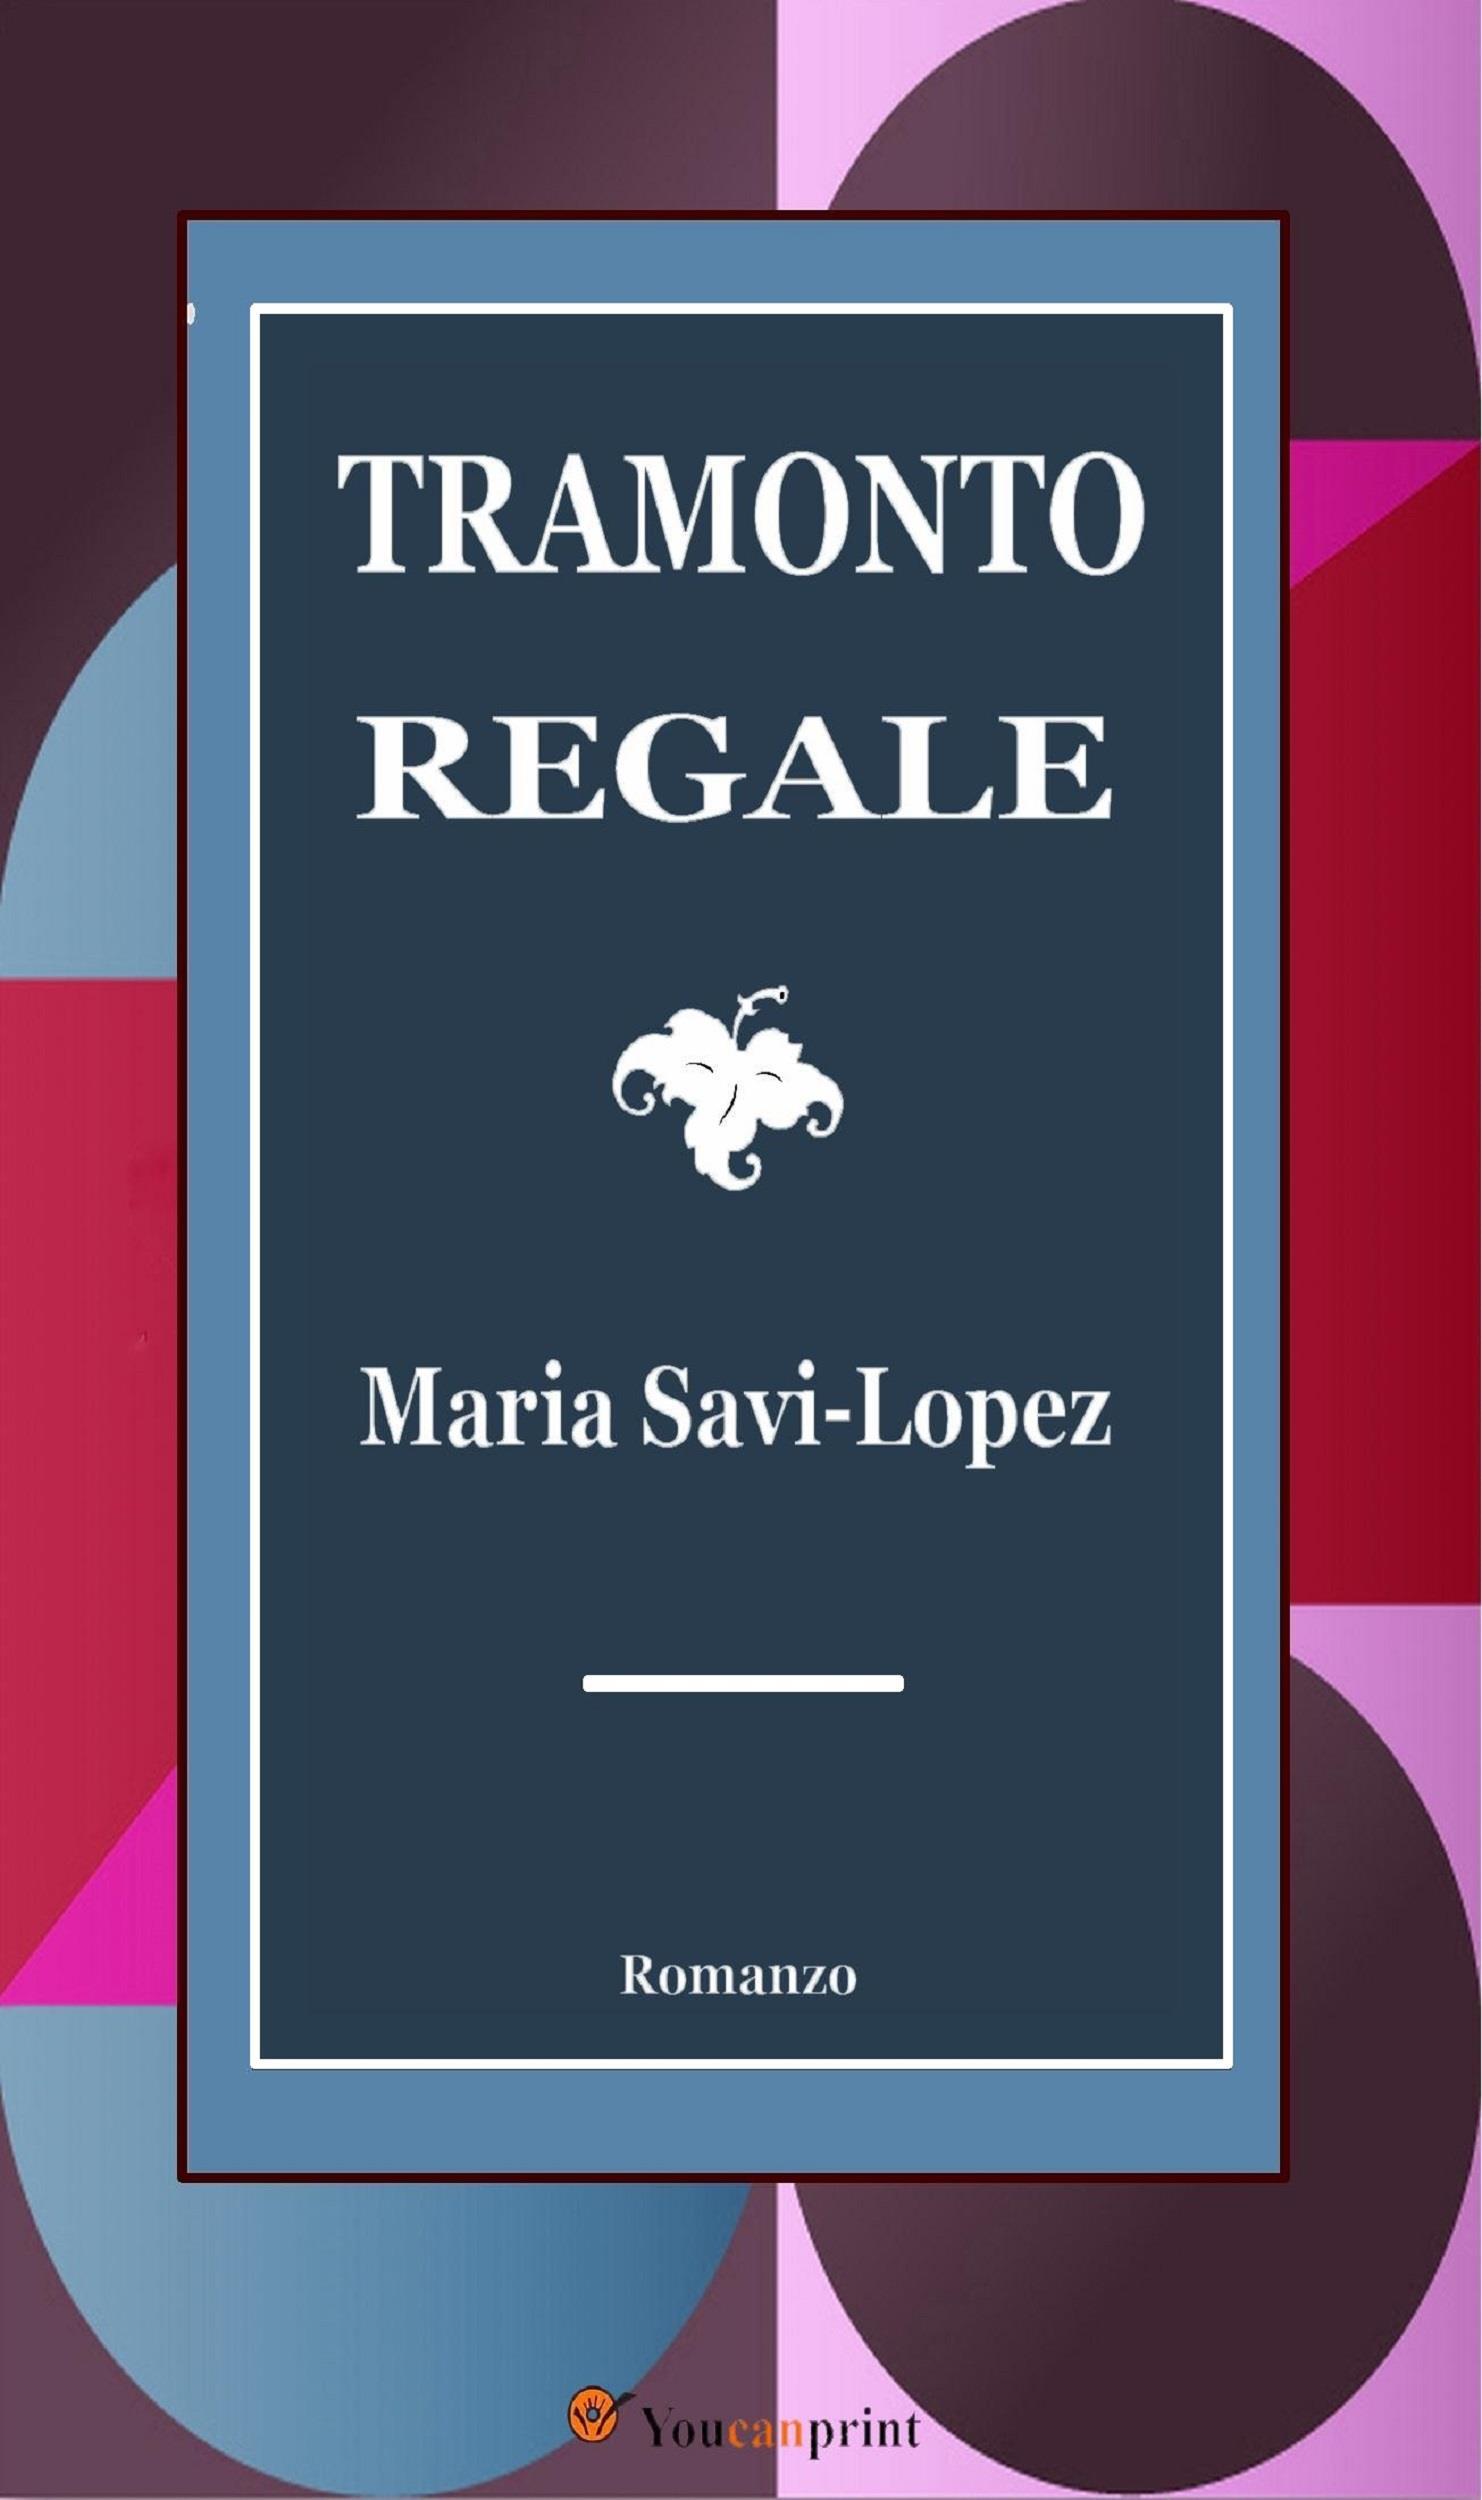 Tramonto Regale: Romanzo